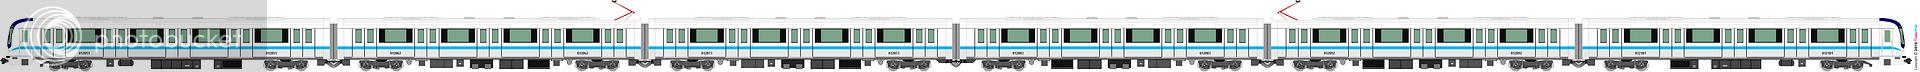 [5228] 上海申通地鐵 2228